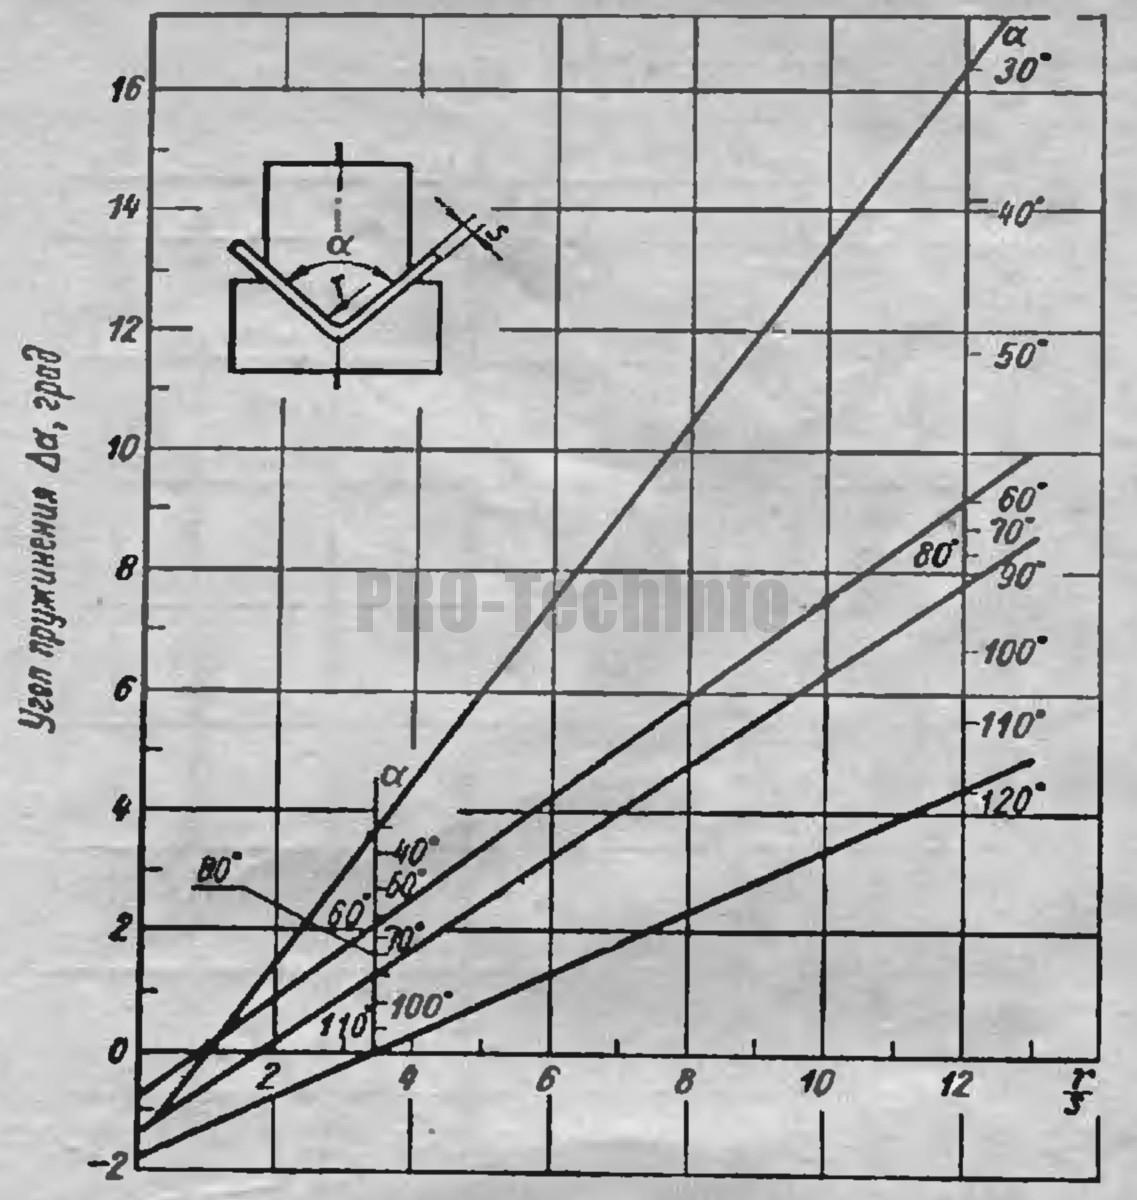 Углы пружинения Δα при гибке деталей из сталей марок Ст.4 и 25